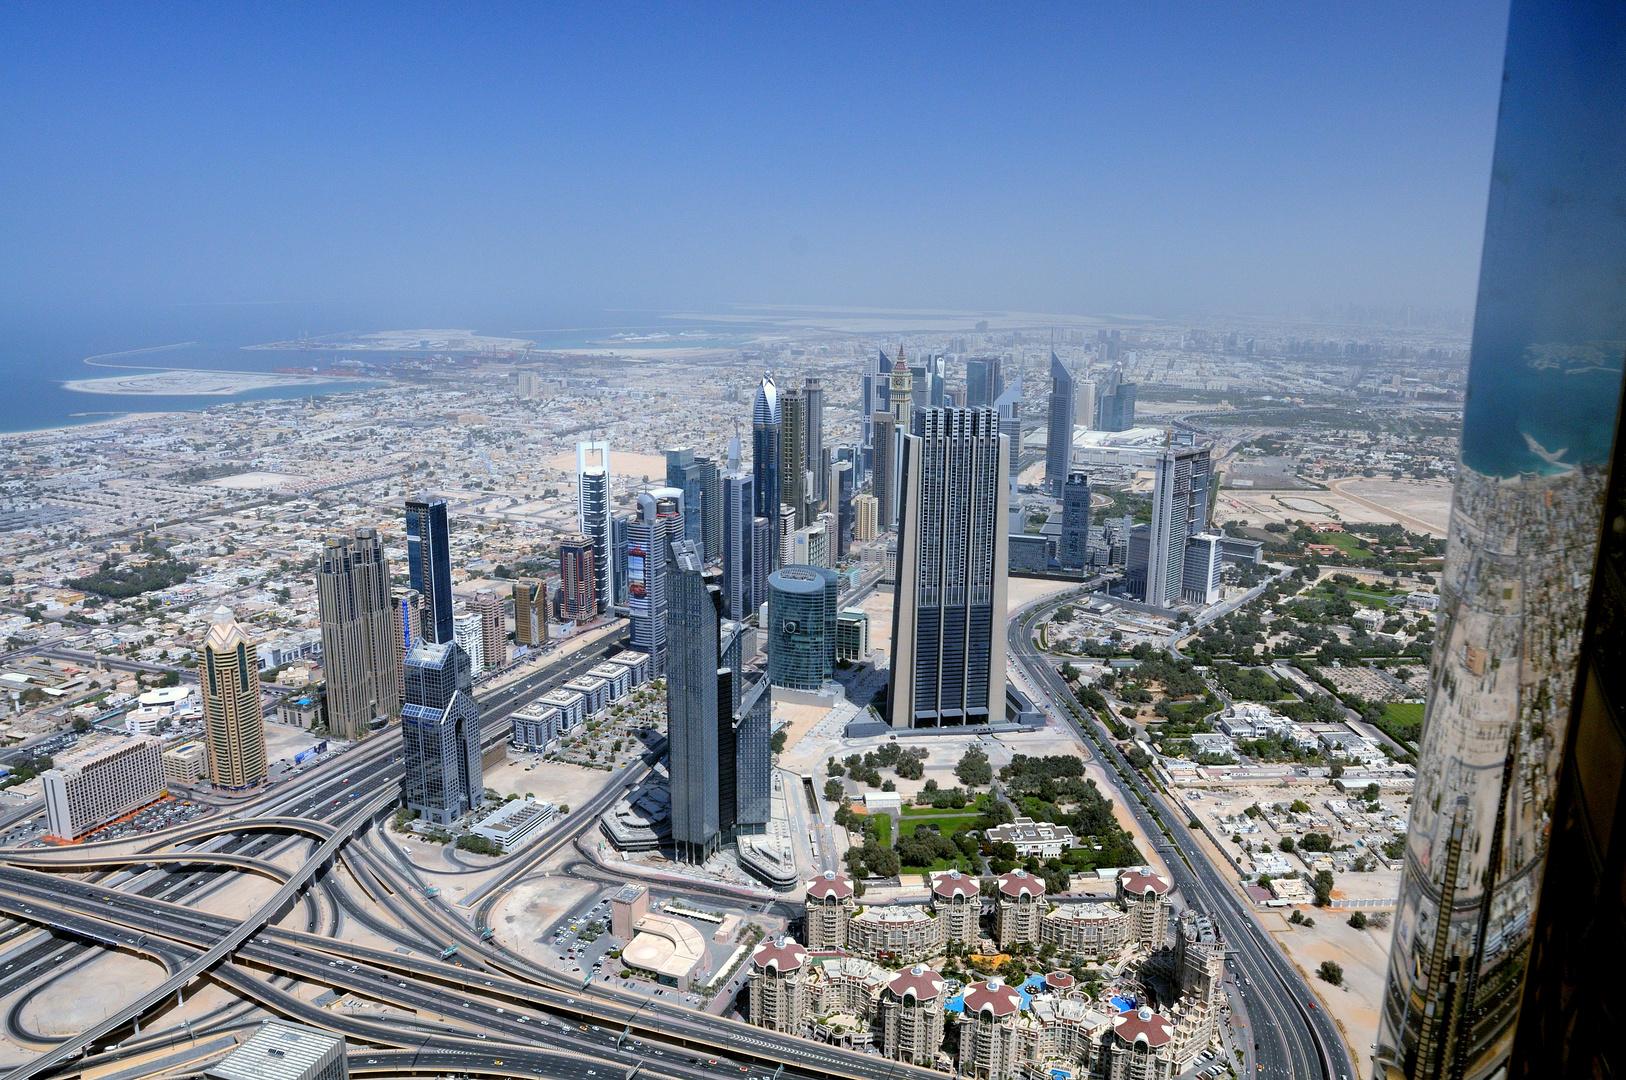 Blick auf einen Teil von Dubai City